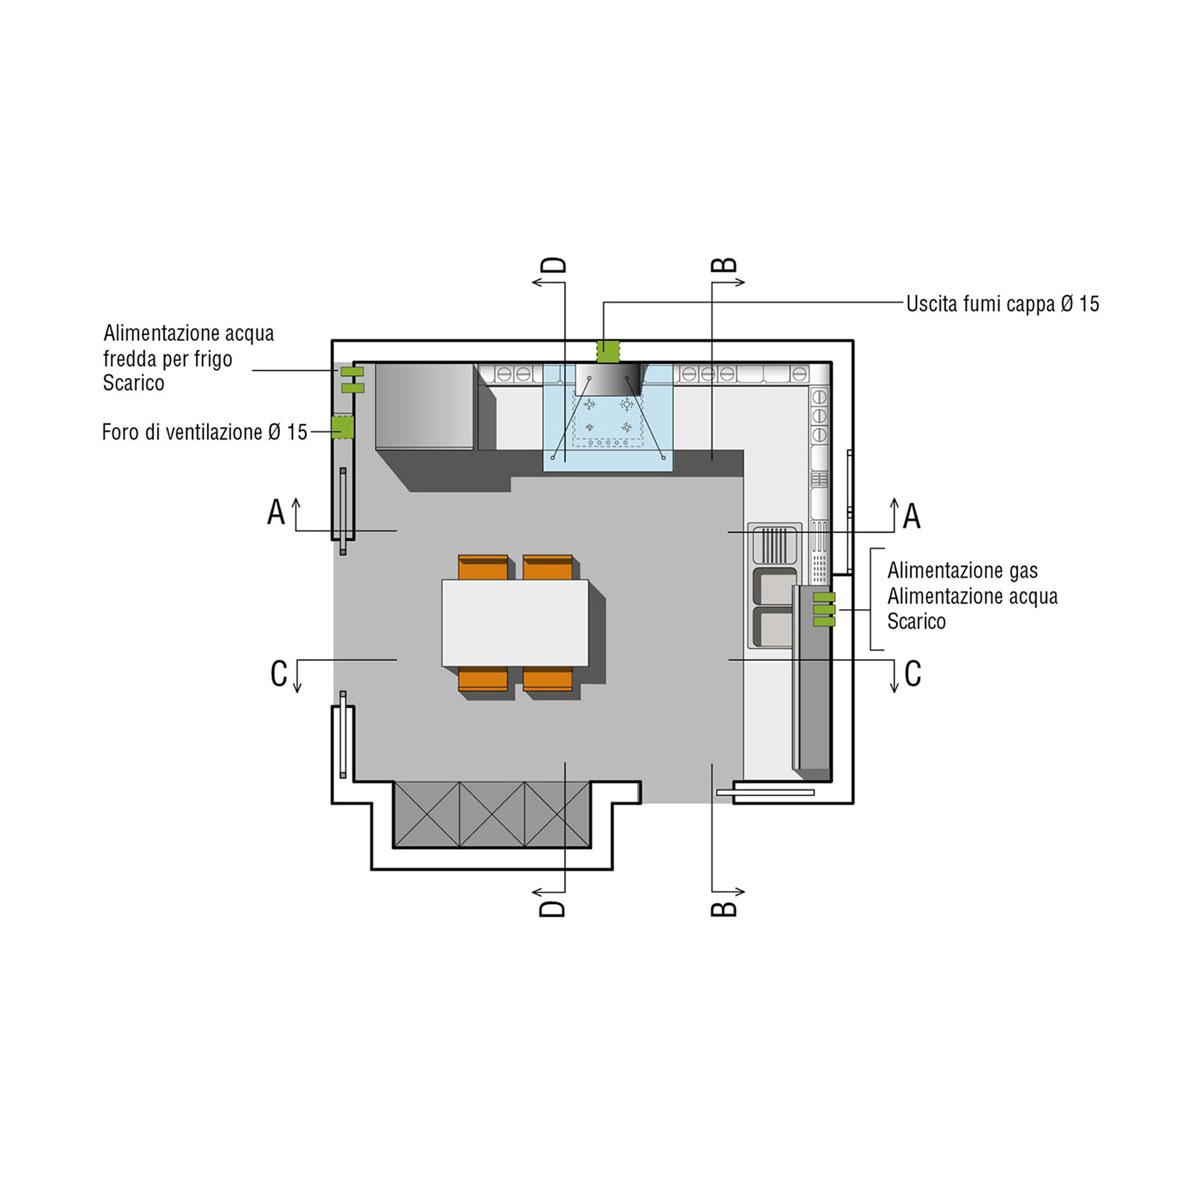 Costo impianto idraulico bagno la scelta giusta - Costo impianto idraulico bagno ...